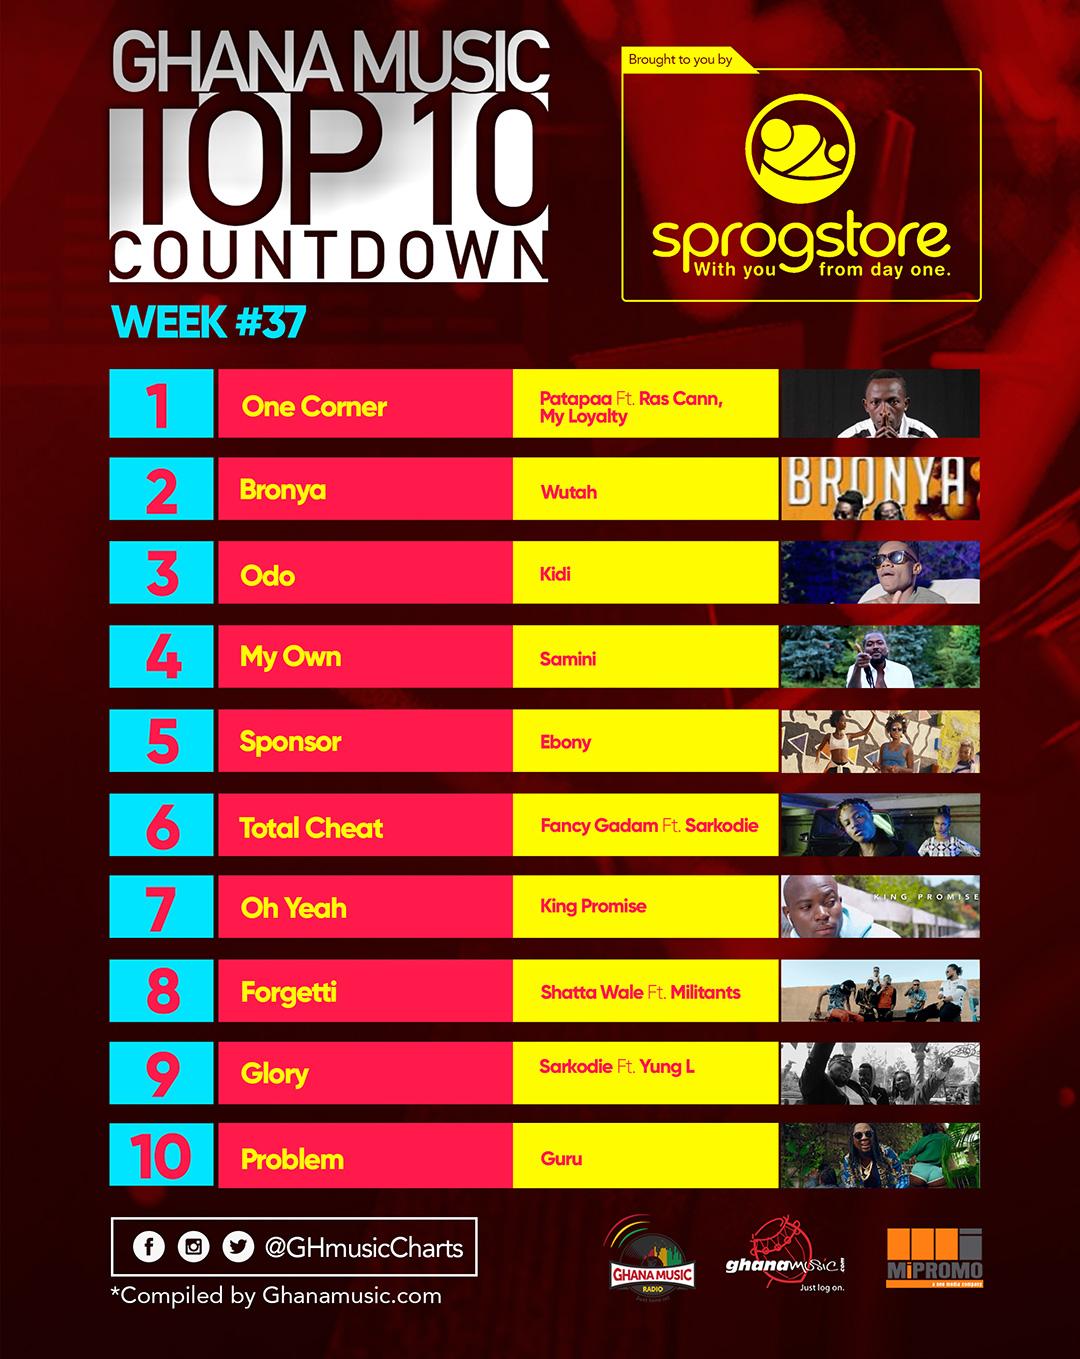 Week #37: Week ending Saturday, September 17th, 2017. Ghana Music Top 10 Countdown.